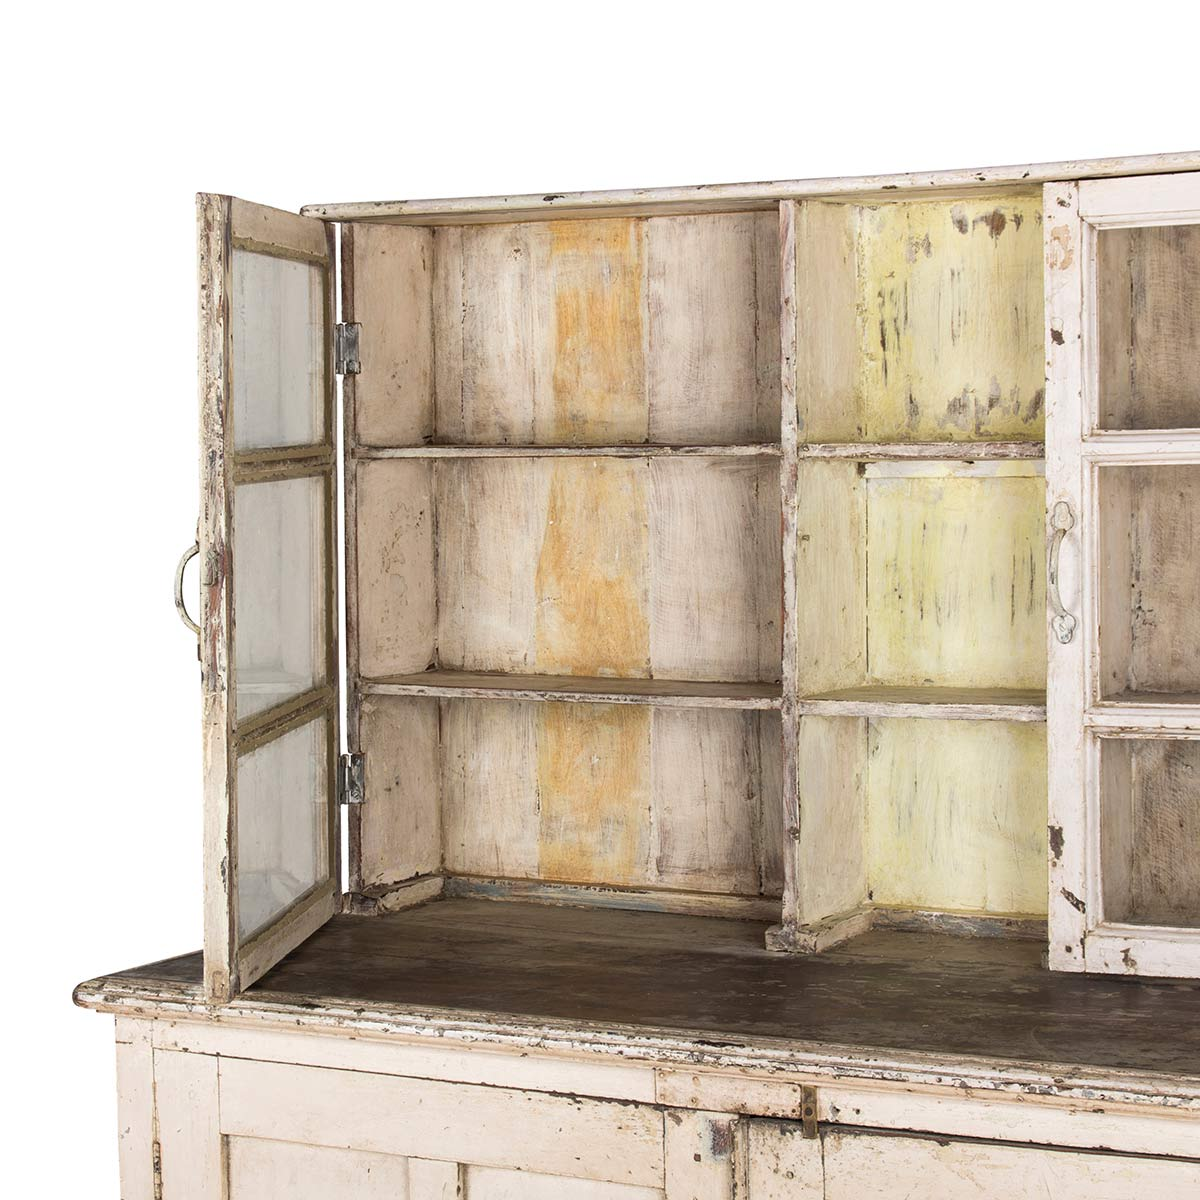 Mueble expositor para tiendas o comercios.